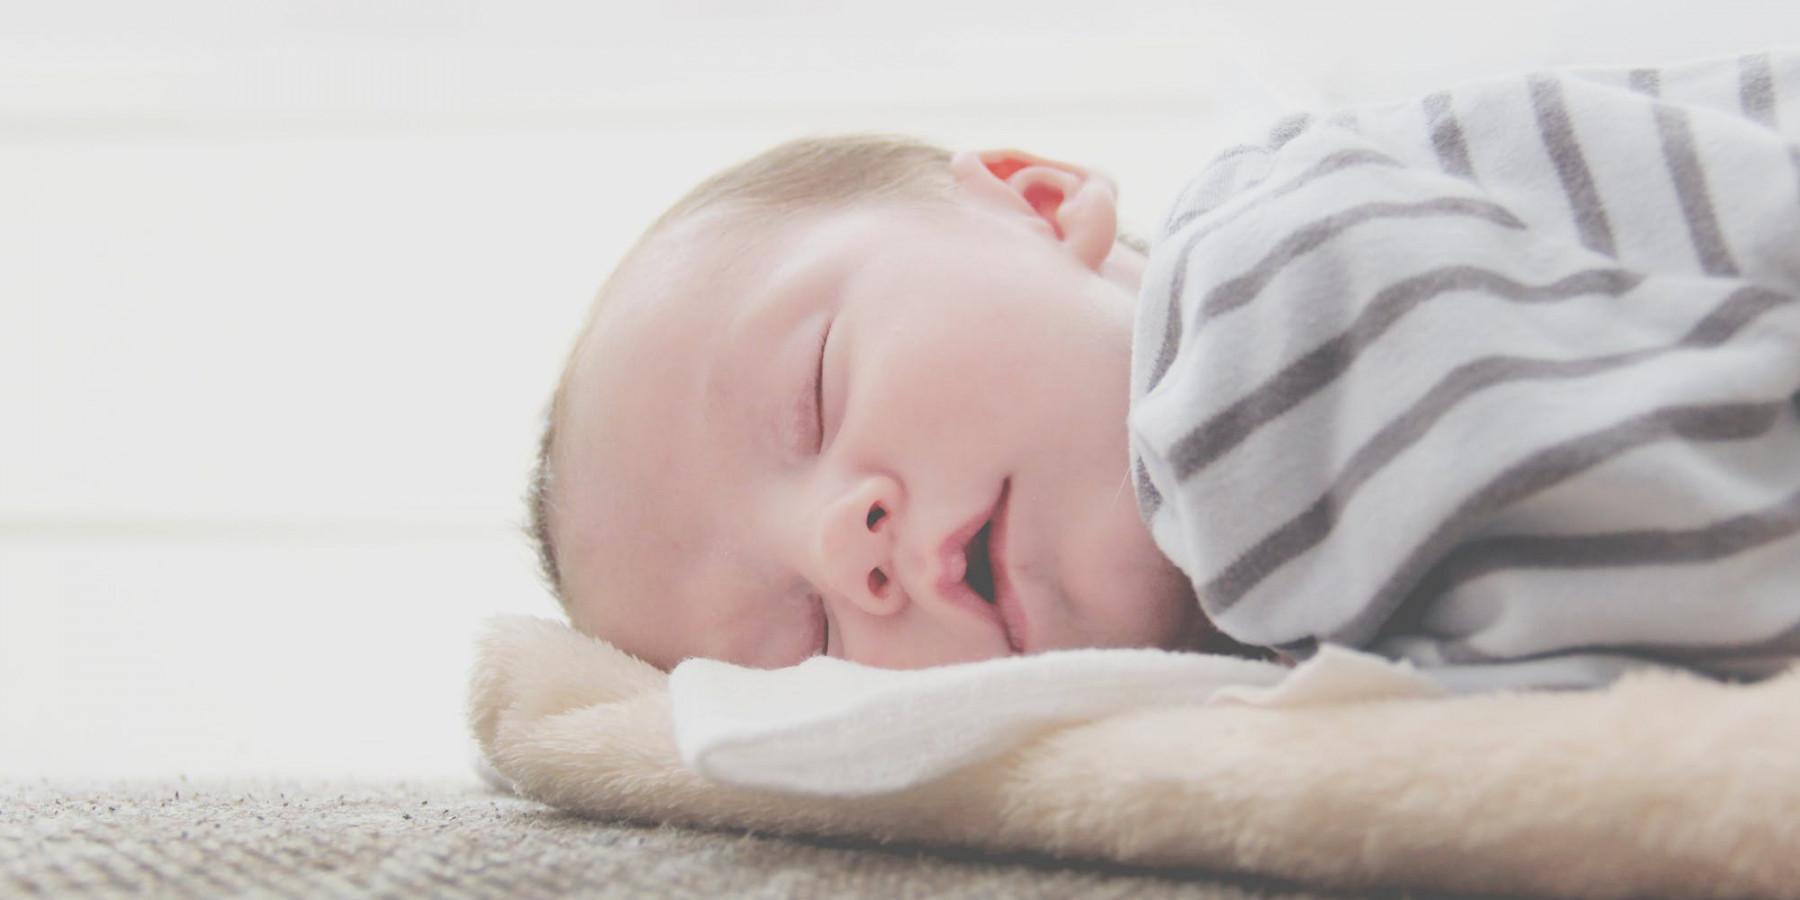 Kindern mit Schlafproblemen keine Medikamente geben